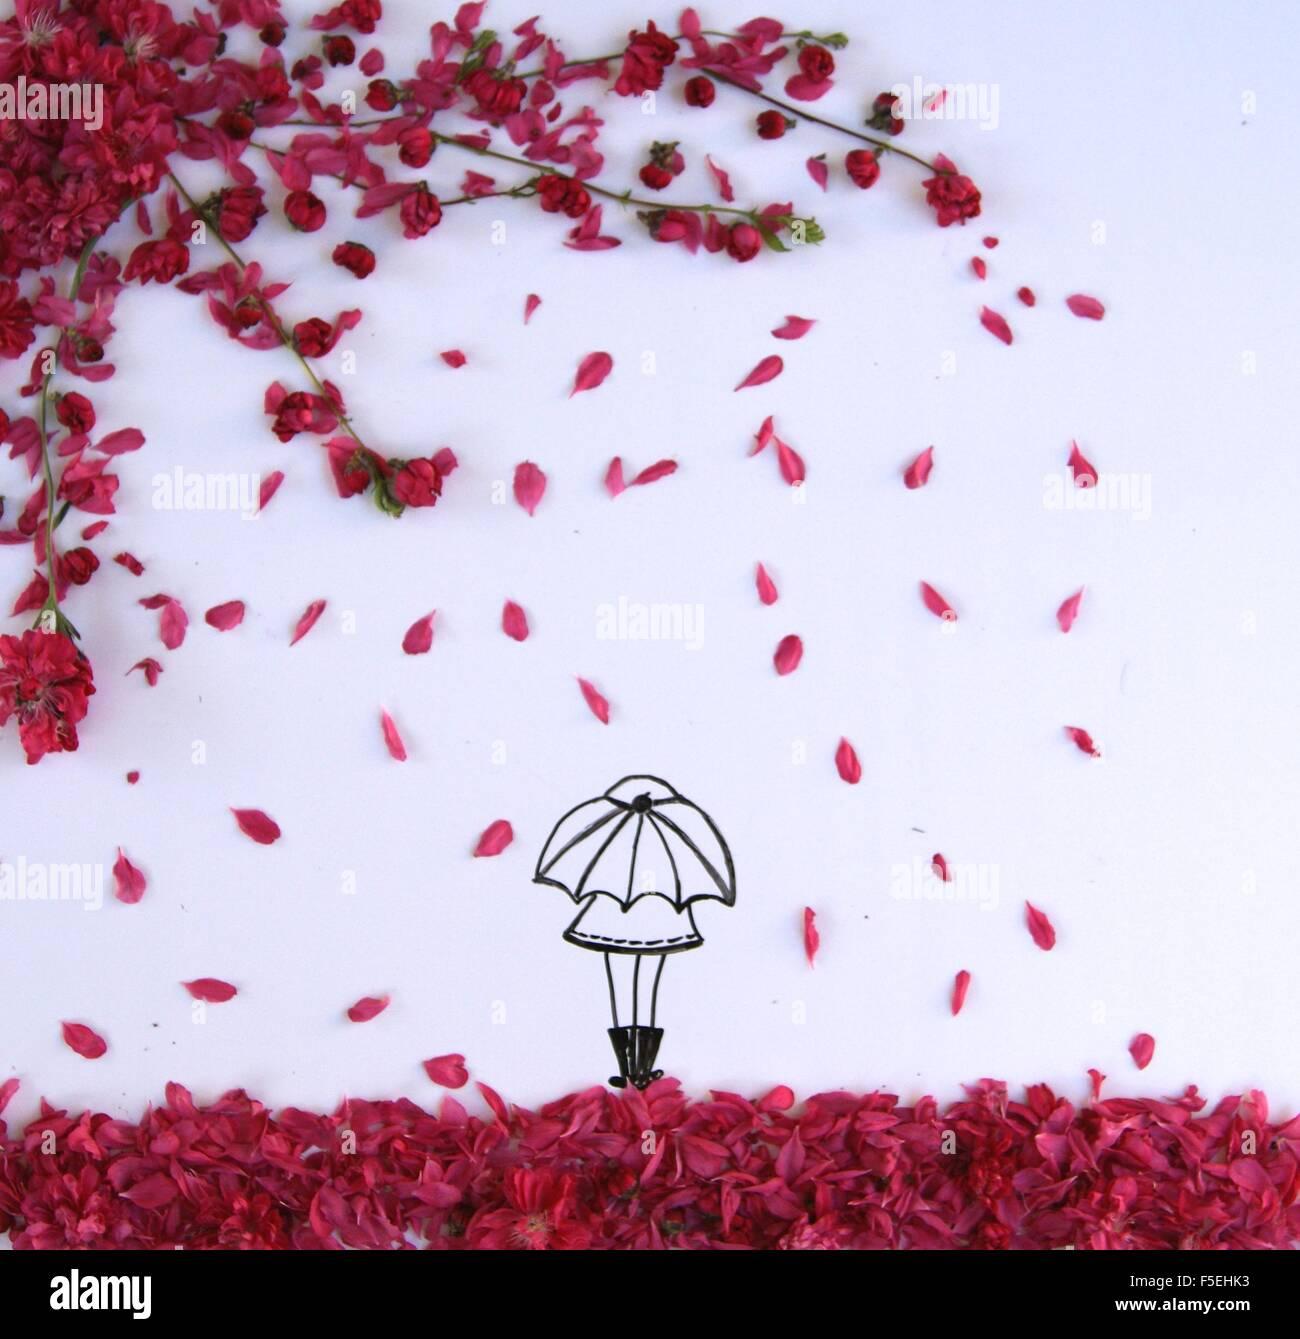 Konzeptionelle Zeichnung eines Mädchens stehen unter einem Regenschirm während Frühling Blüte Stockbild